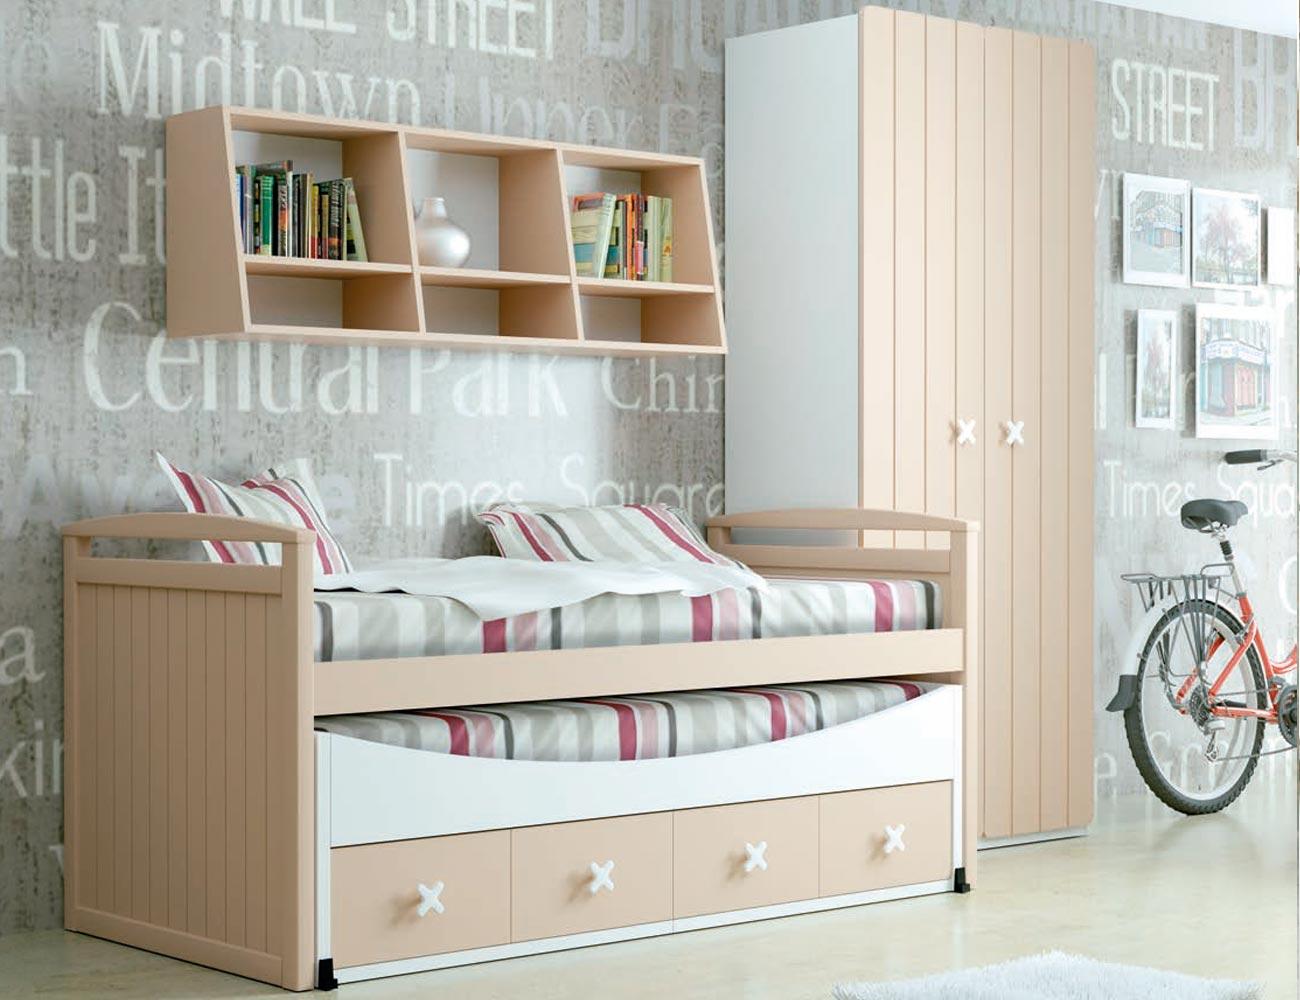 Dormitorio juvenil madera cama nido armario 130